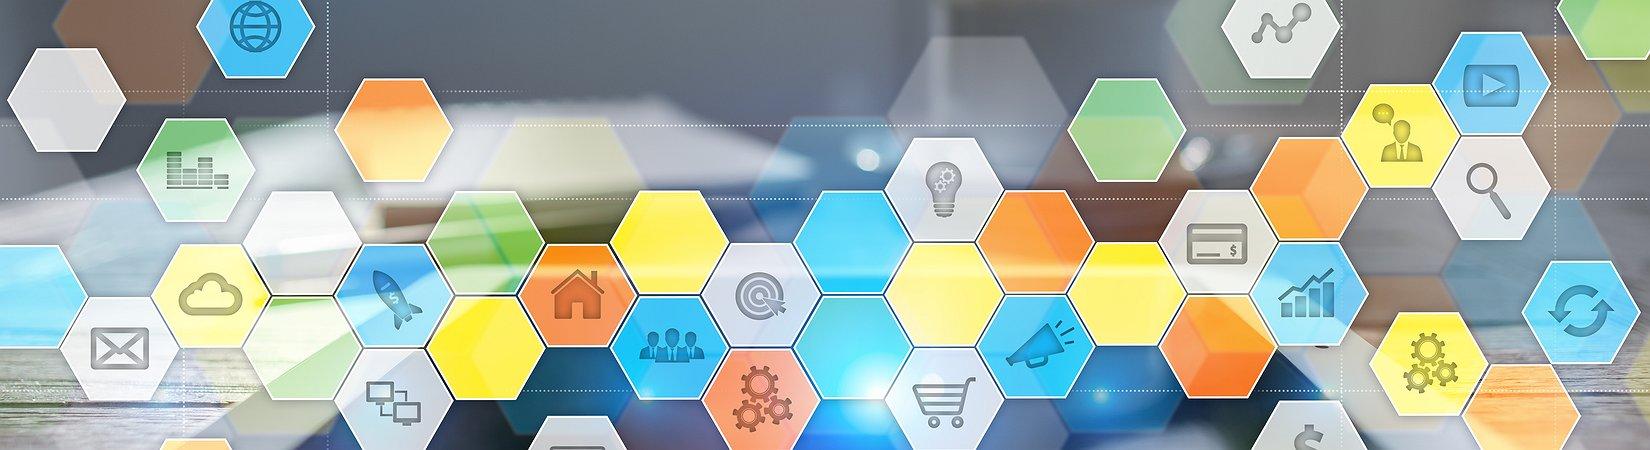 Vitalik Buterin: Revolutionizing ICO